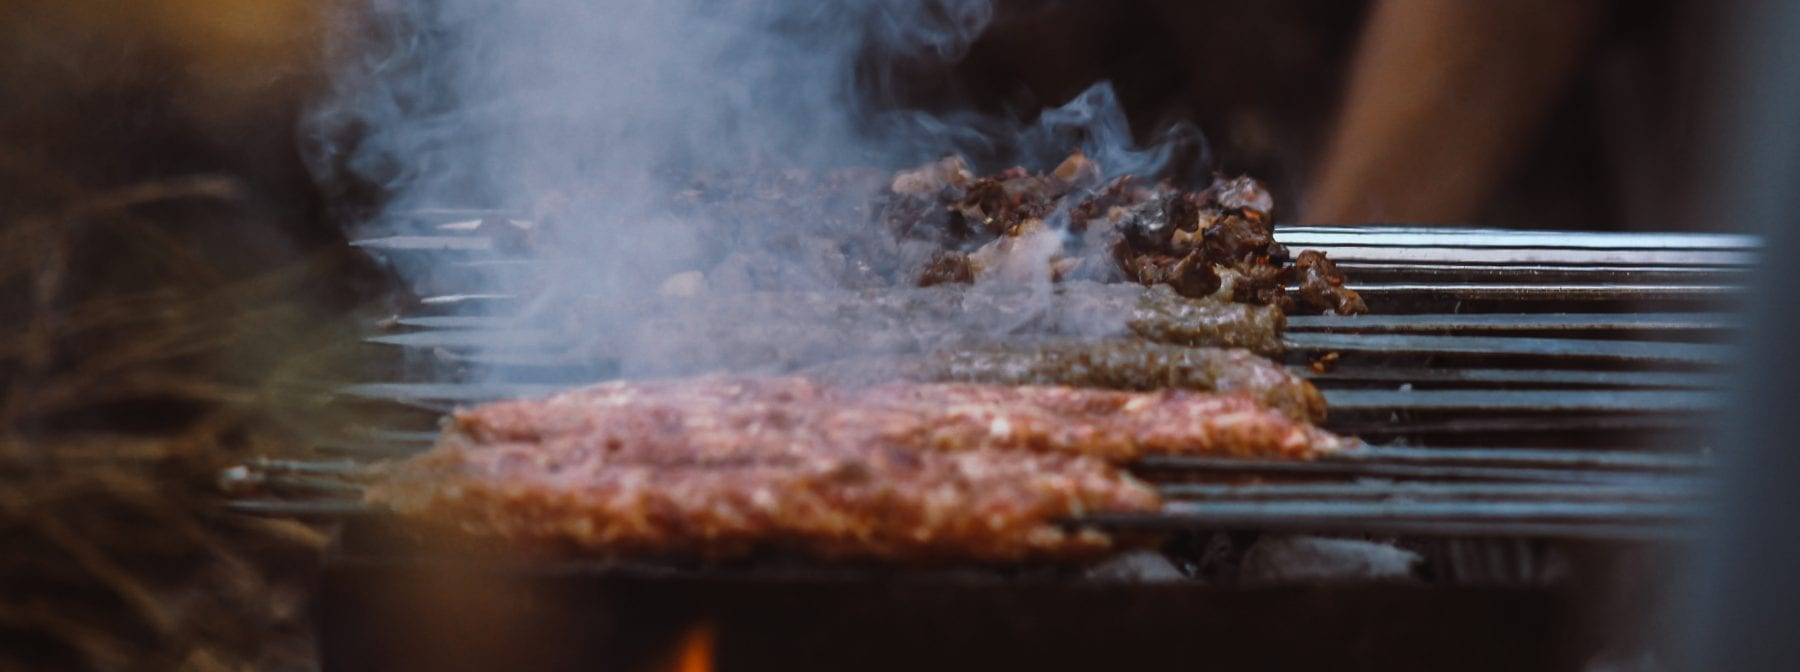 Czy czerwone mięso jest zdrowe? | Jeść czy unikać?